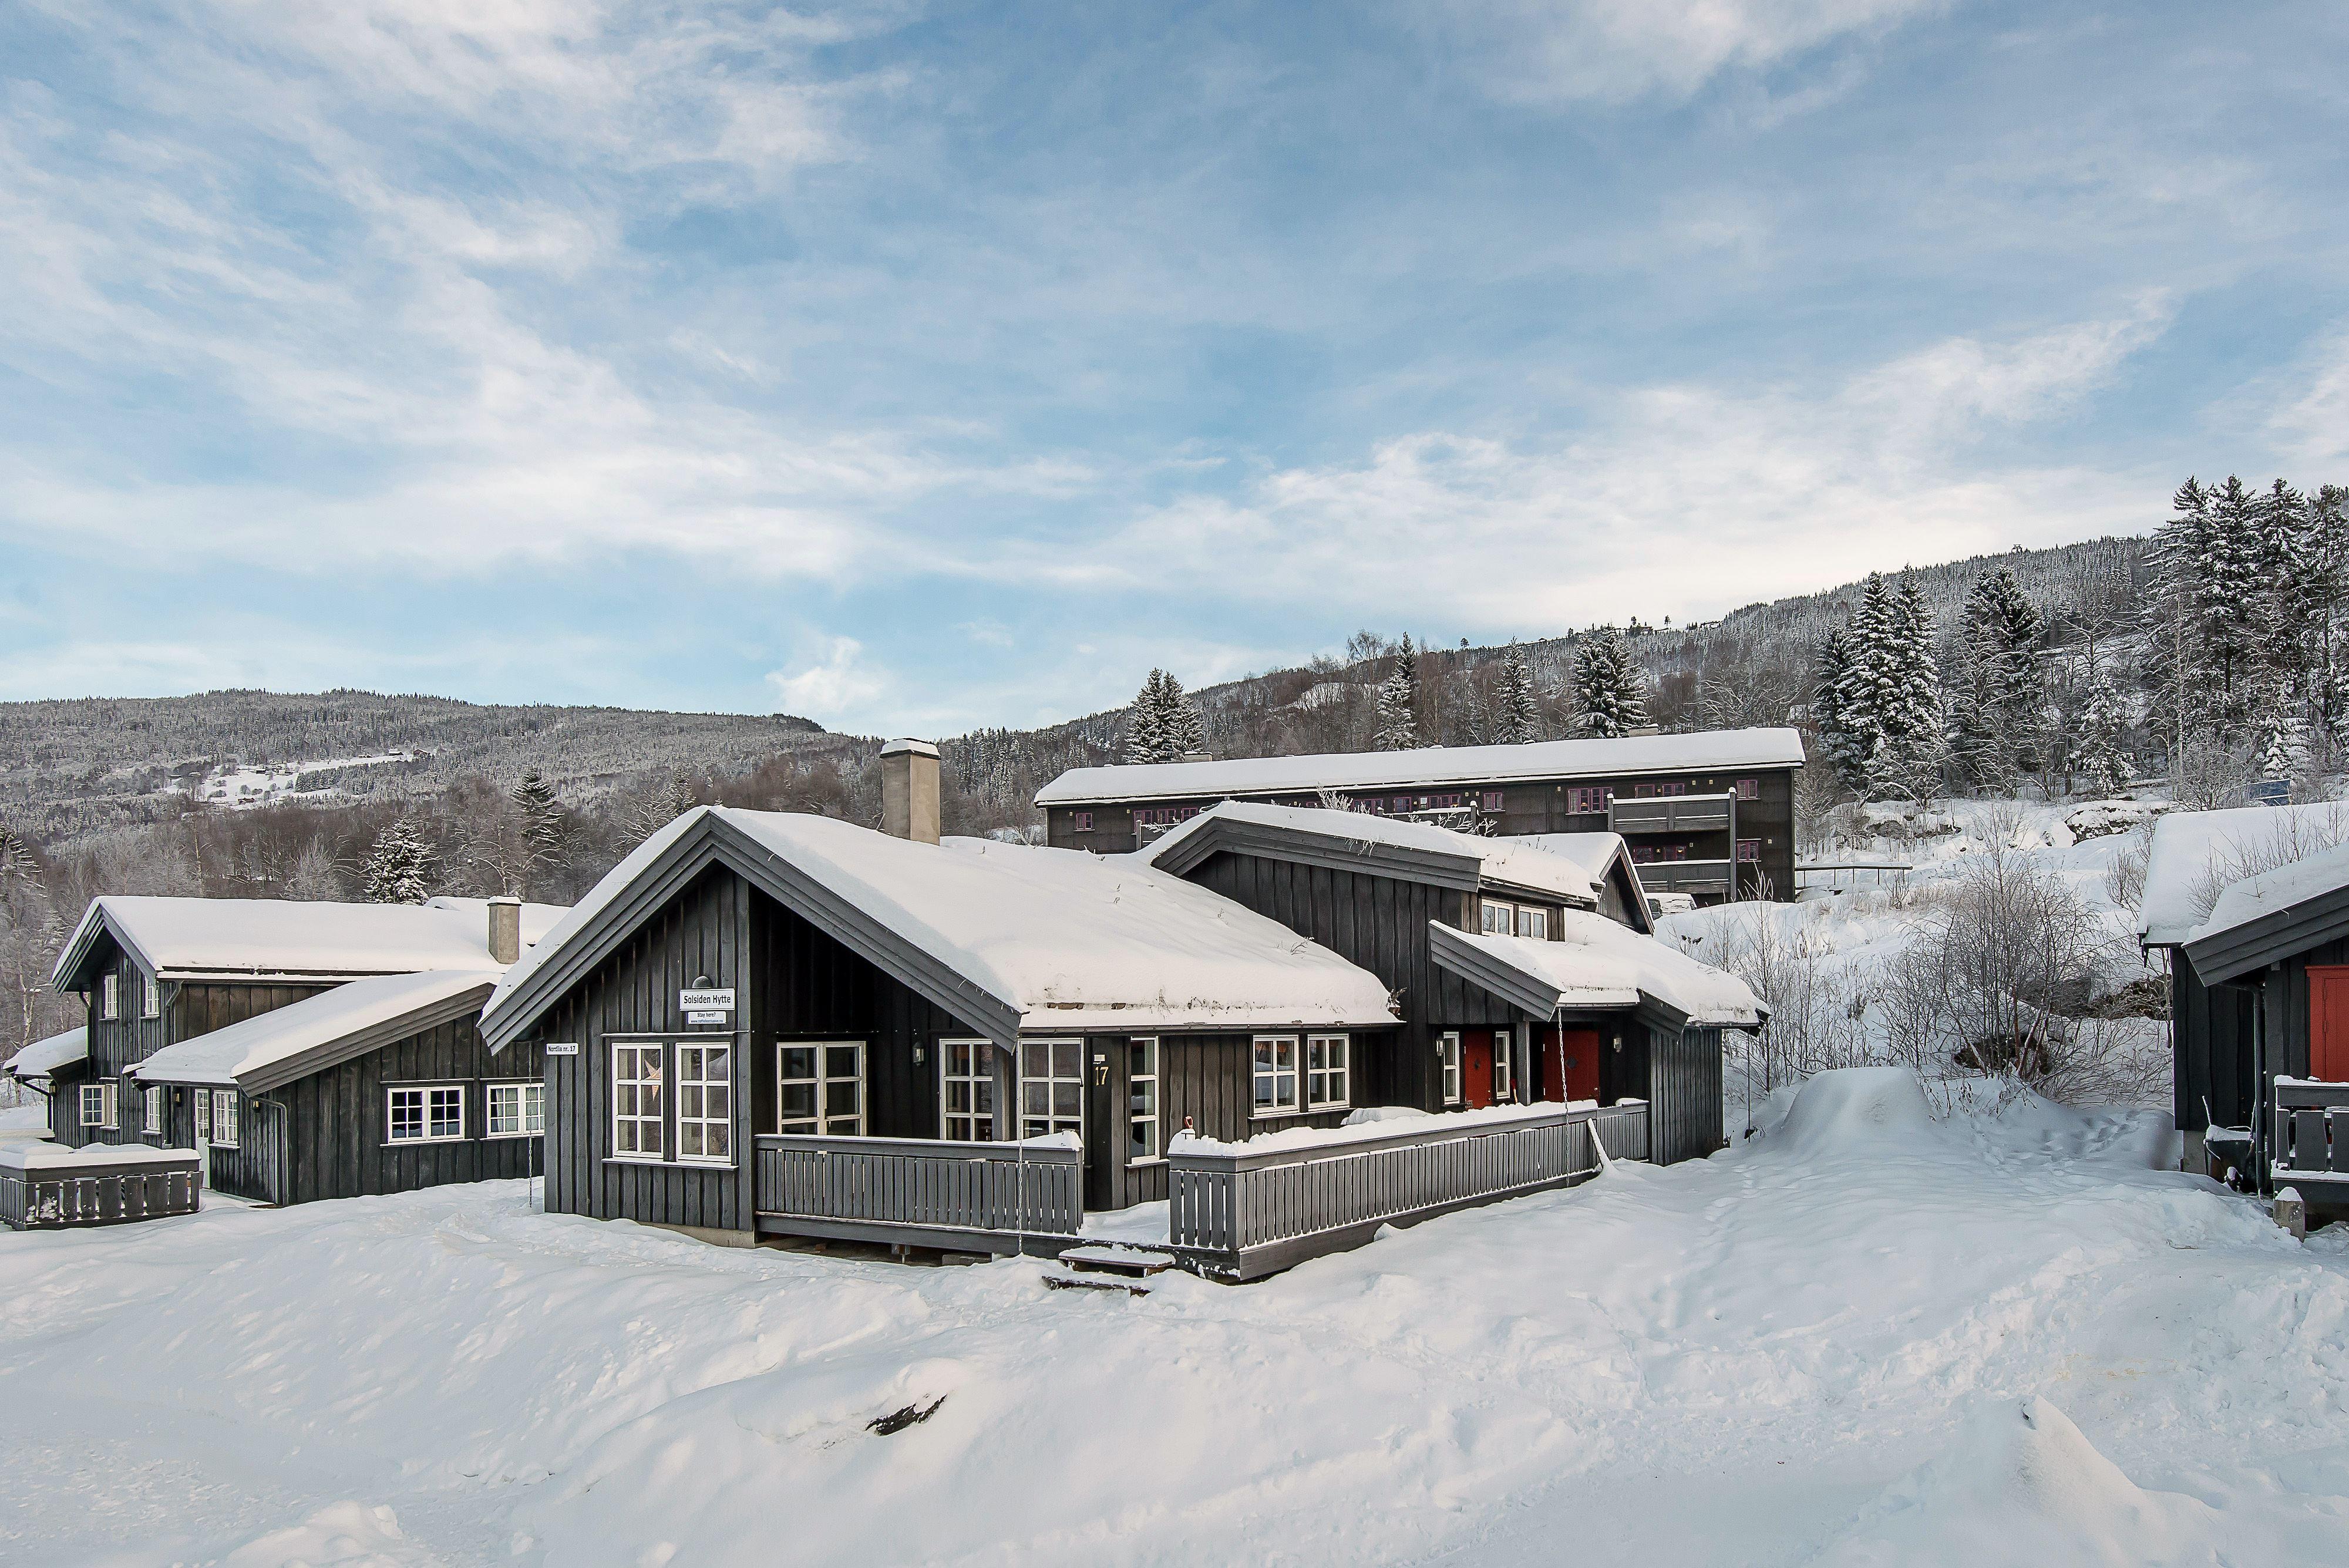 Solsiden large cabins - Nordlia nr. 17